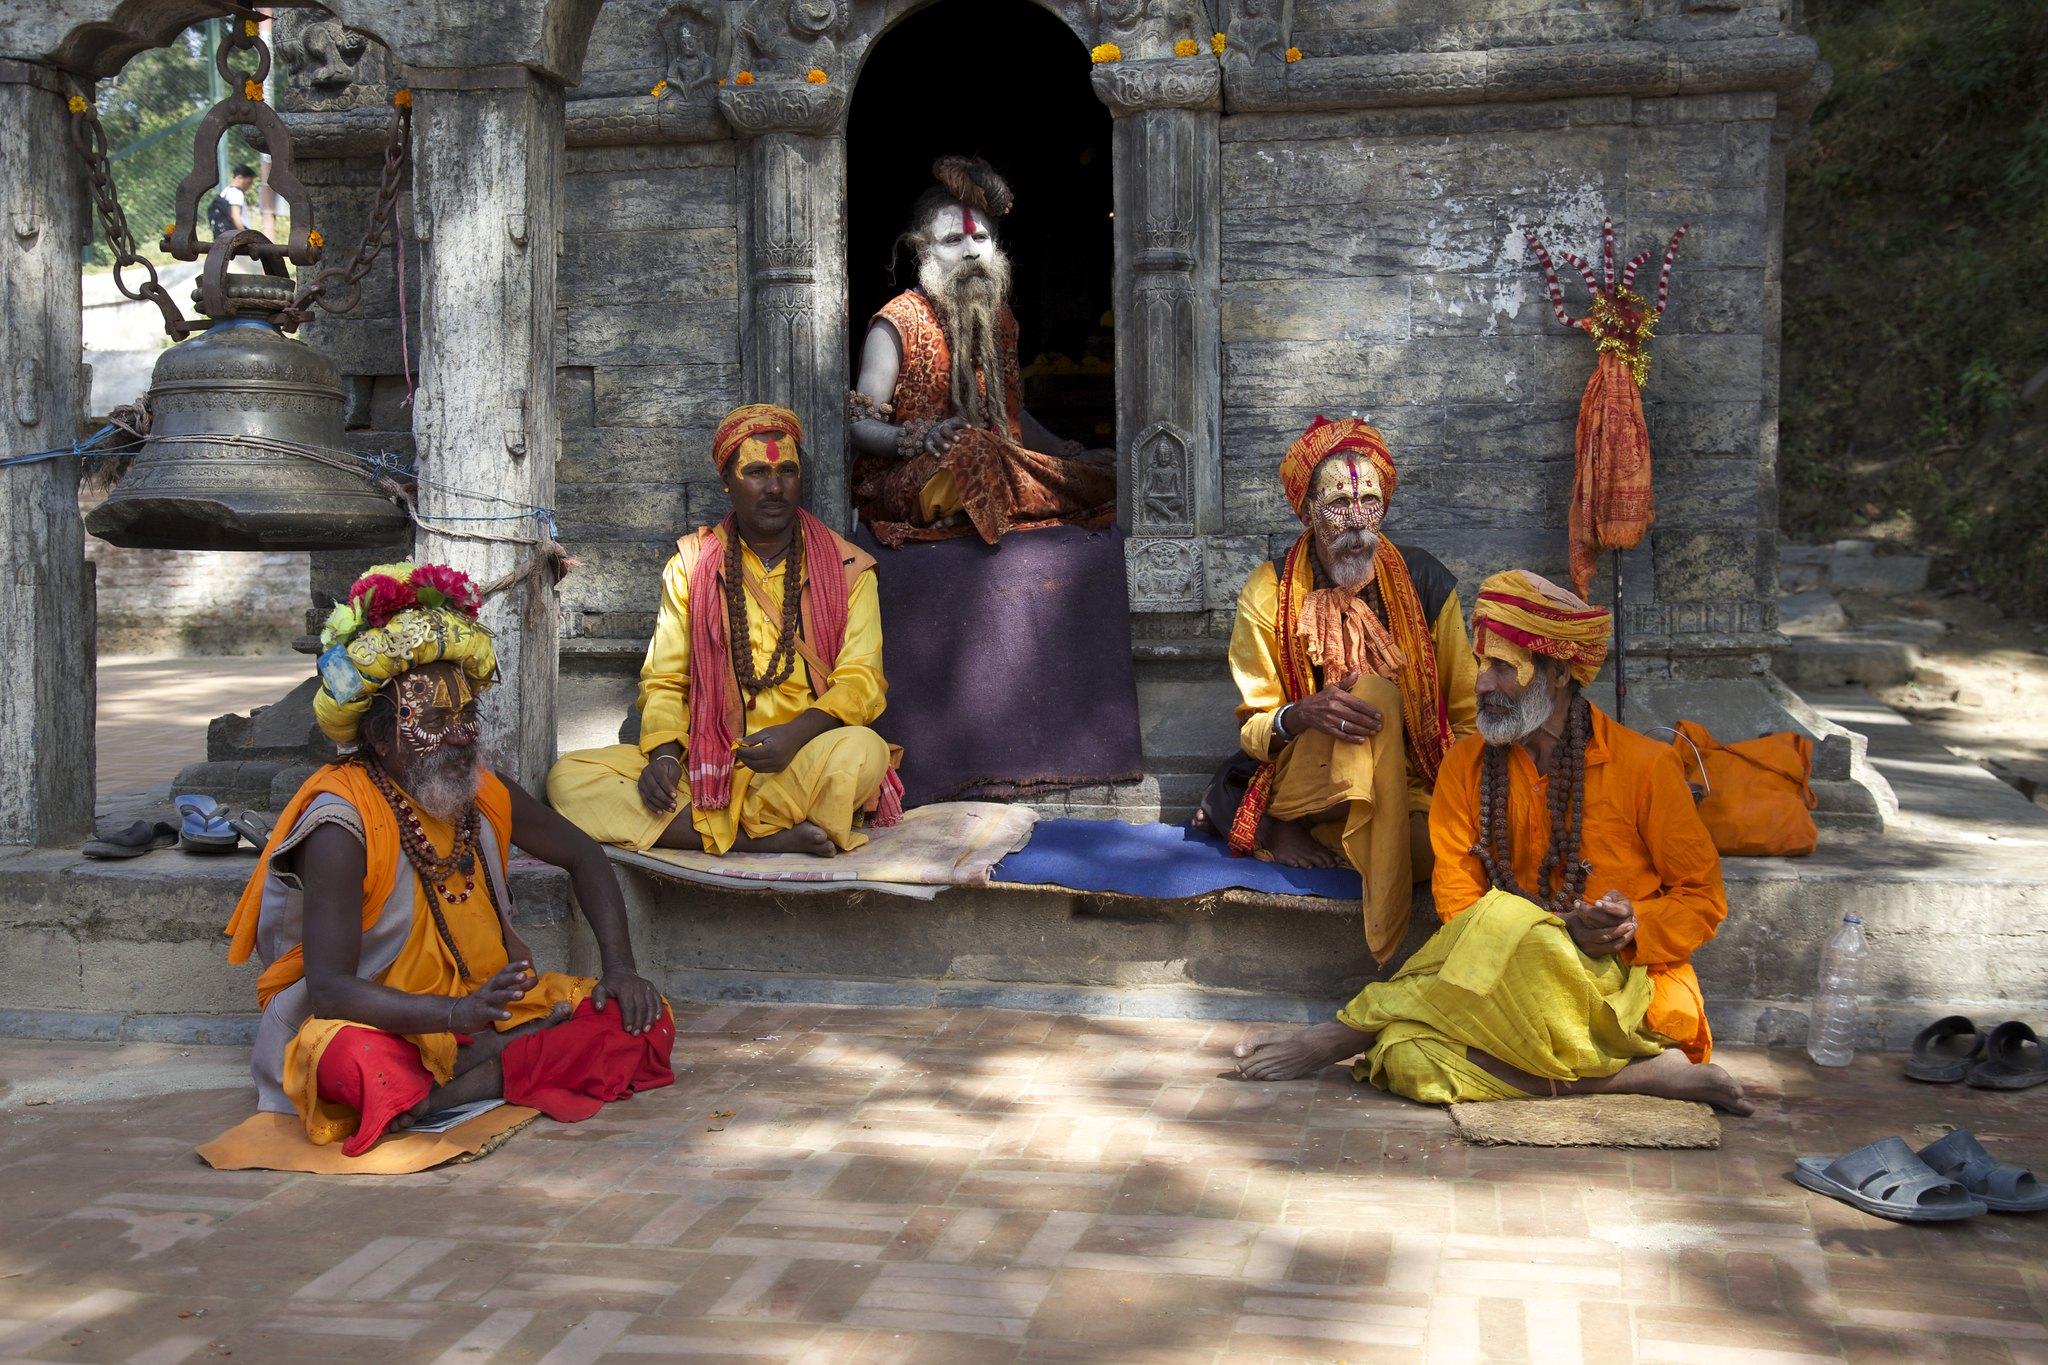 Hindu sadhus at Pashupatinath in Kathmandu. Photo: Jean-Marie Hullot/Flickr